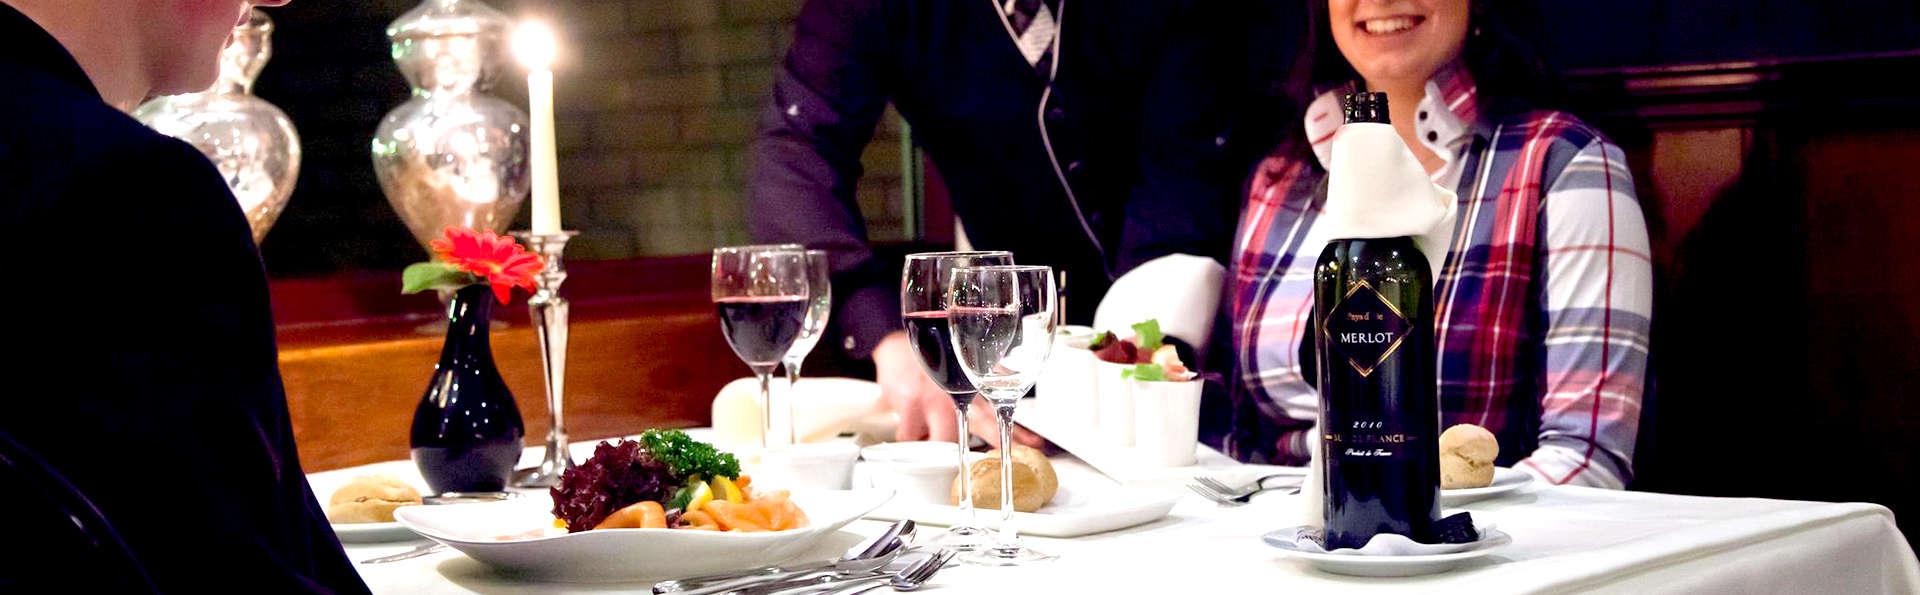 Gastronomie et détente à Emmeloord